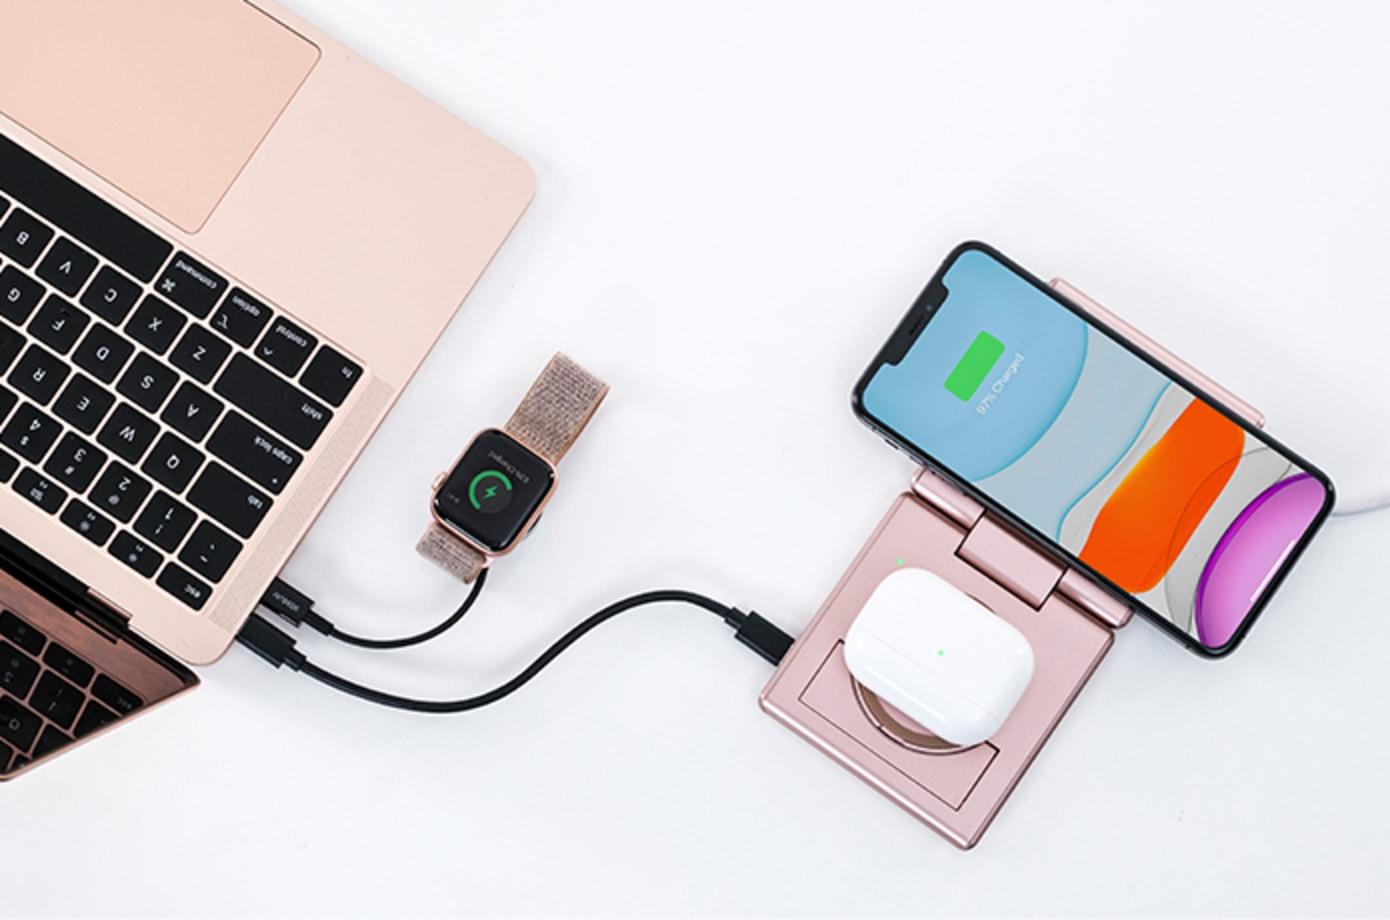 Qi15Wダブルワイヤレス充電にプラスしてUSB-C PD60Wパススルー充電機能を持ったワイヤレス充電器「Unravel 2」